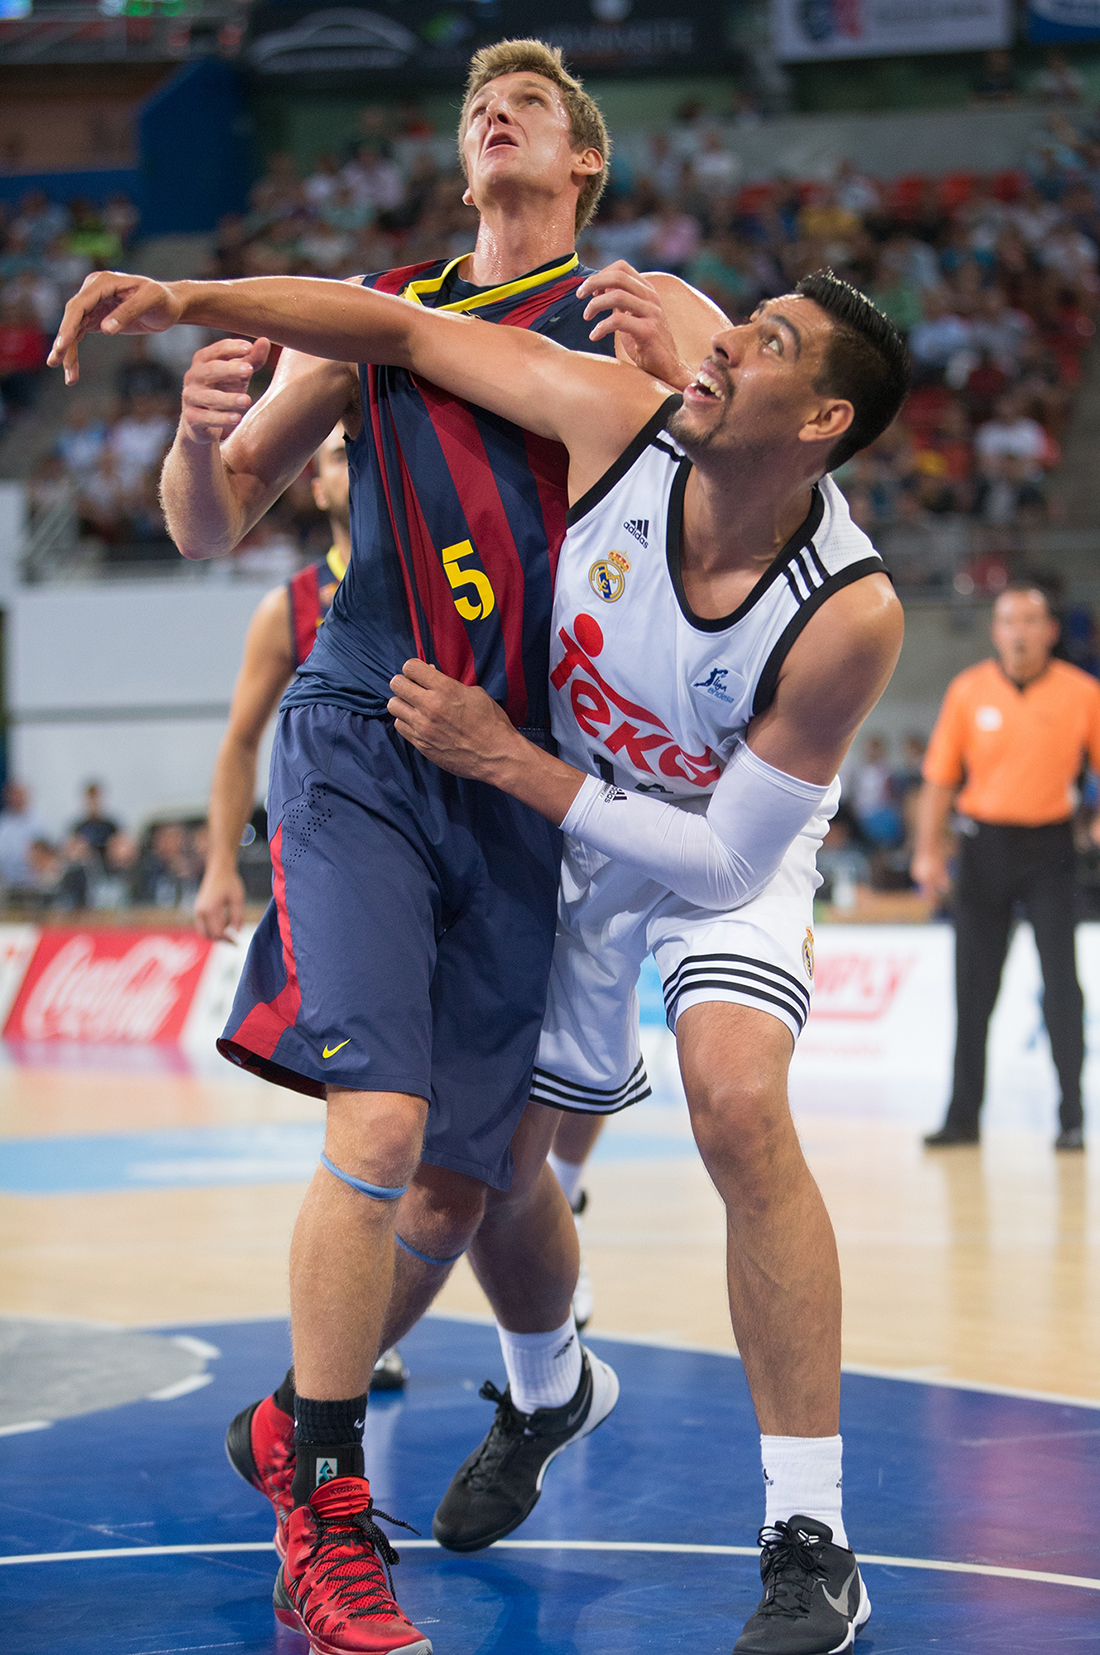 REAL MADRID CAMPEON de la Supercopa Endesa en viva basquet